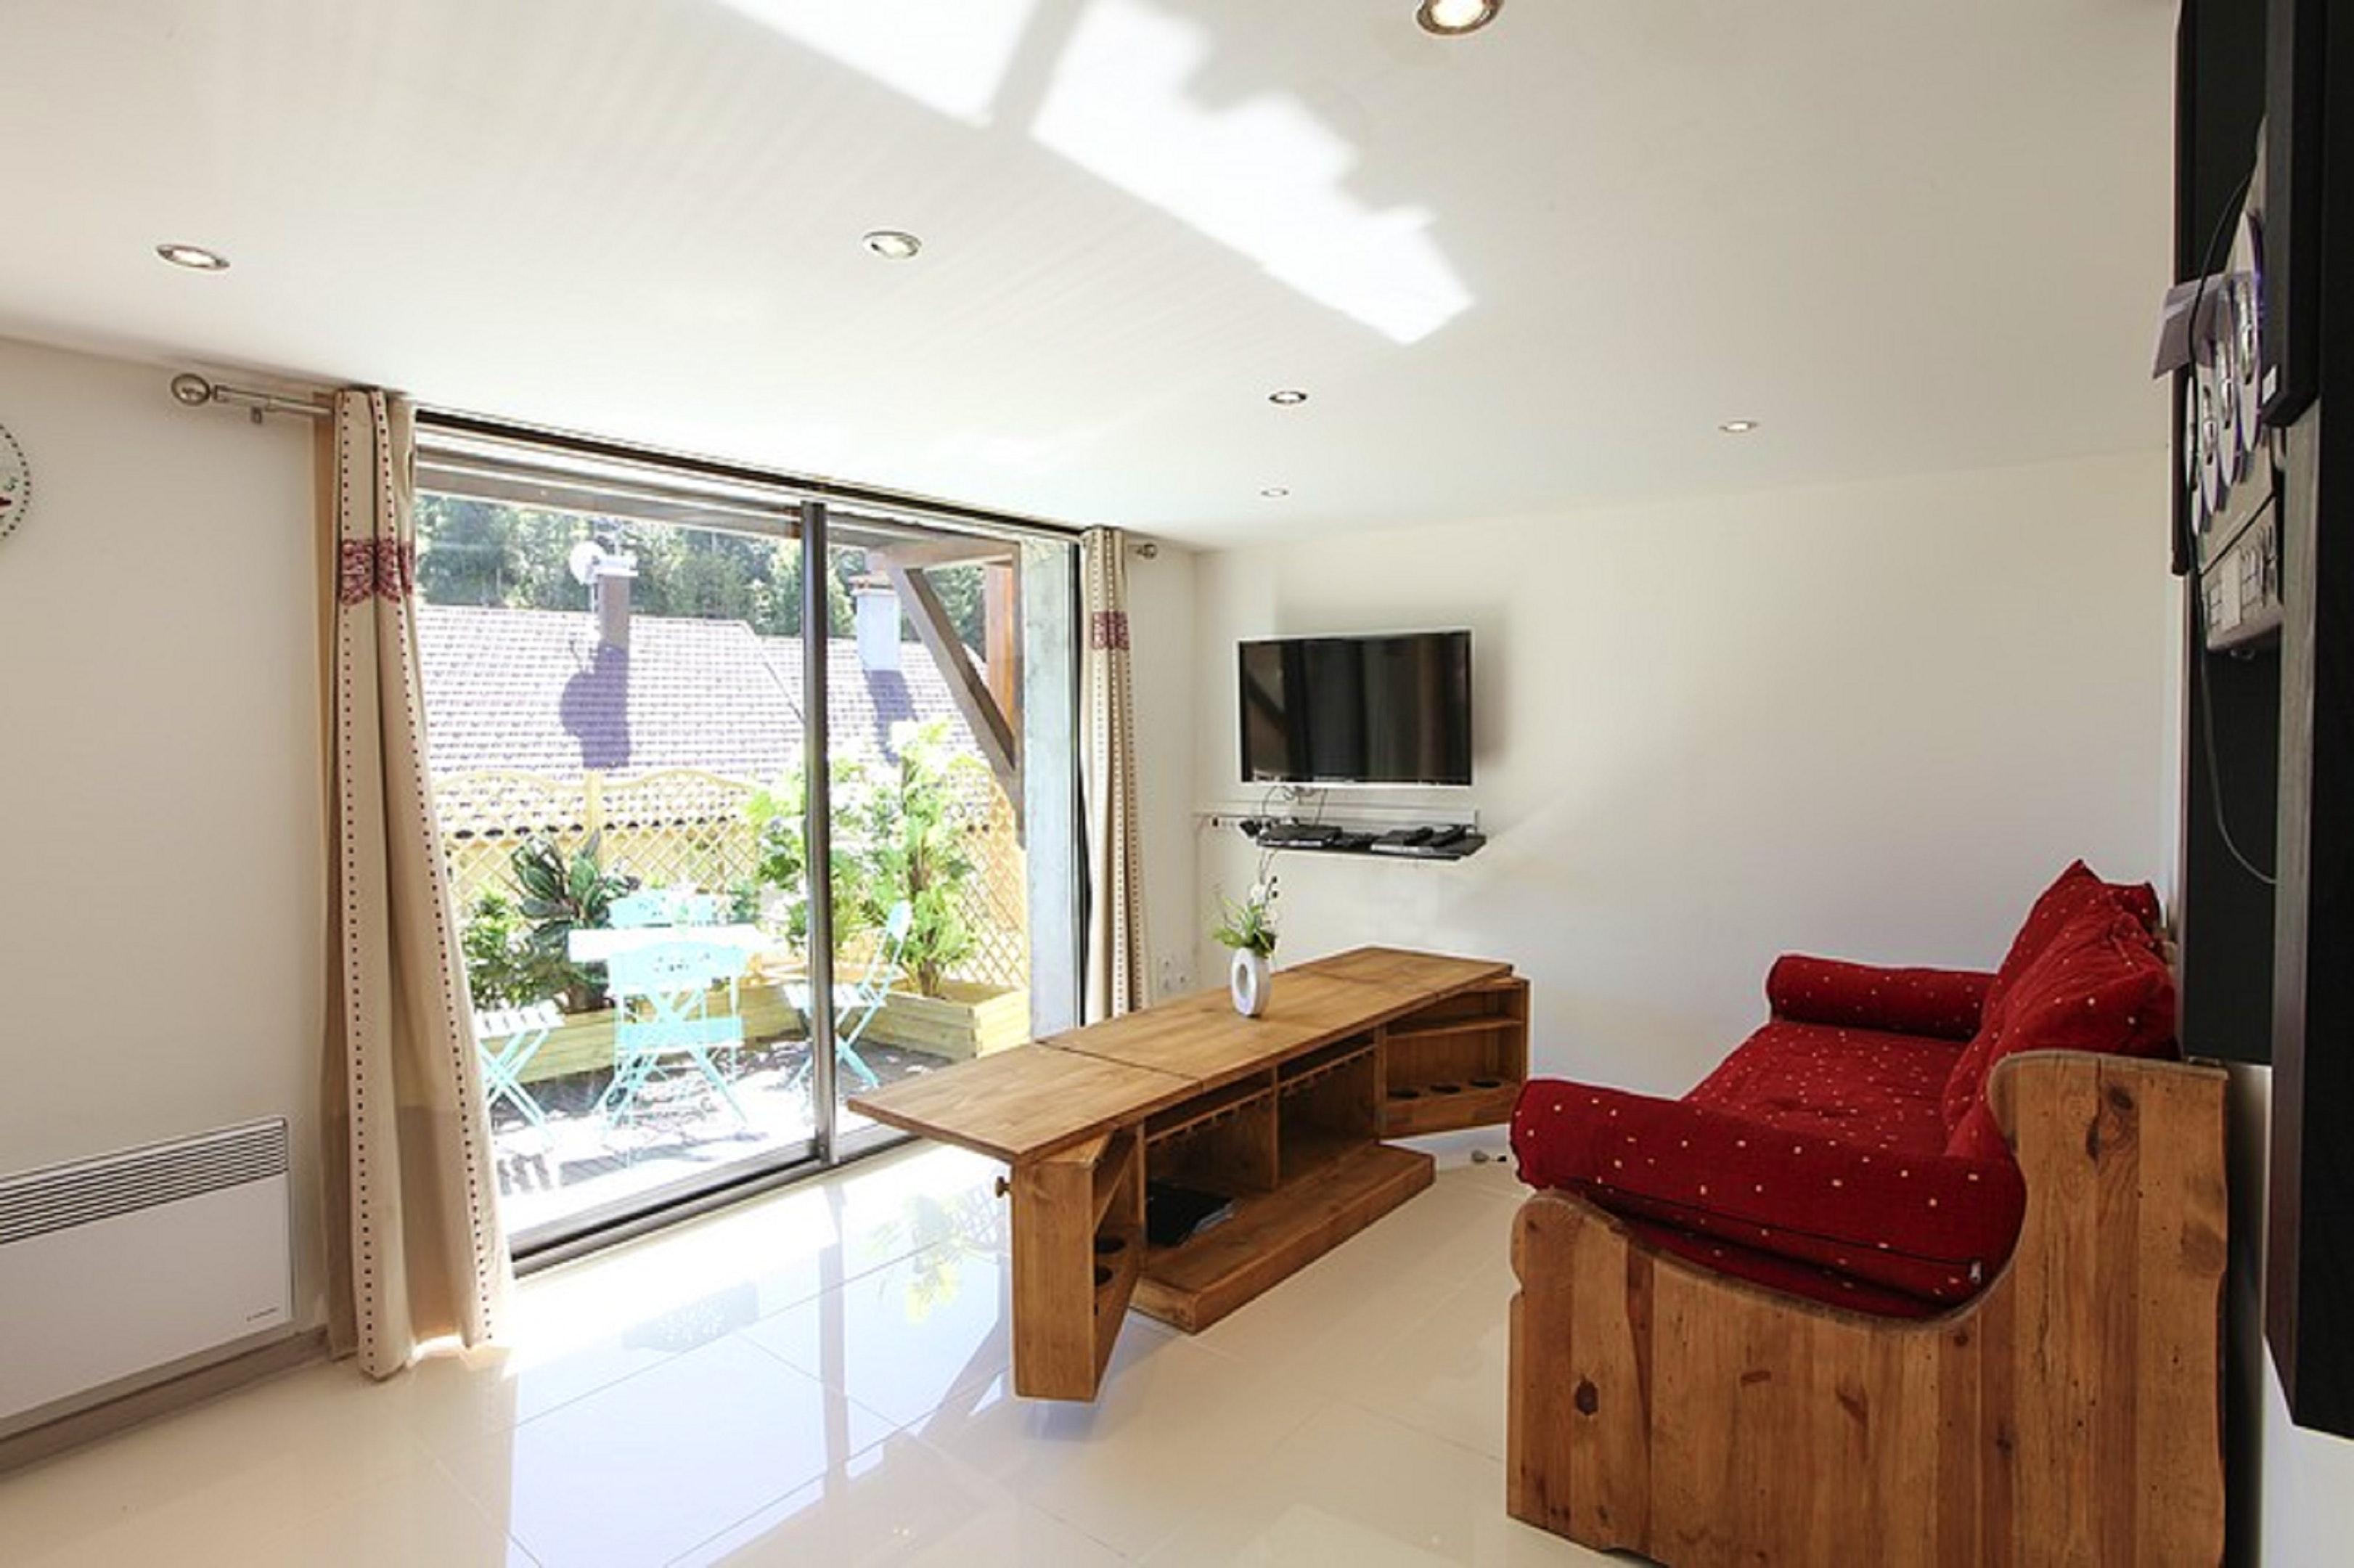 Maison de vacances Hütte mit 7 Schlafzimmern in Les Moussières mit toller Aussicht auf die Berge, möblierter  (2677371), Les Moussières, Jura, Franche-Comté, France, image 12